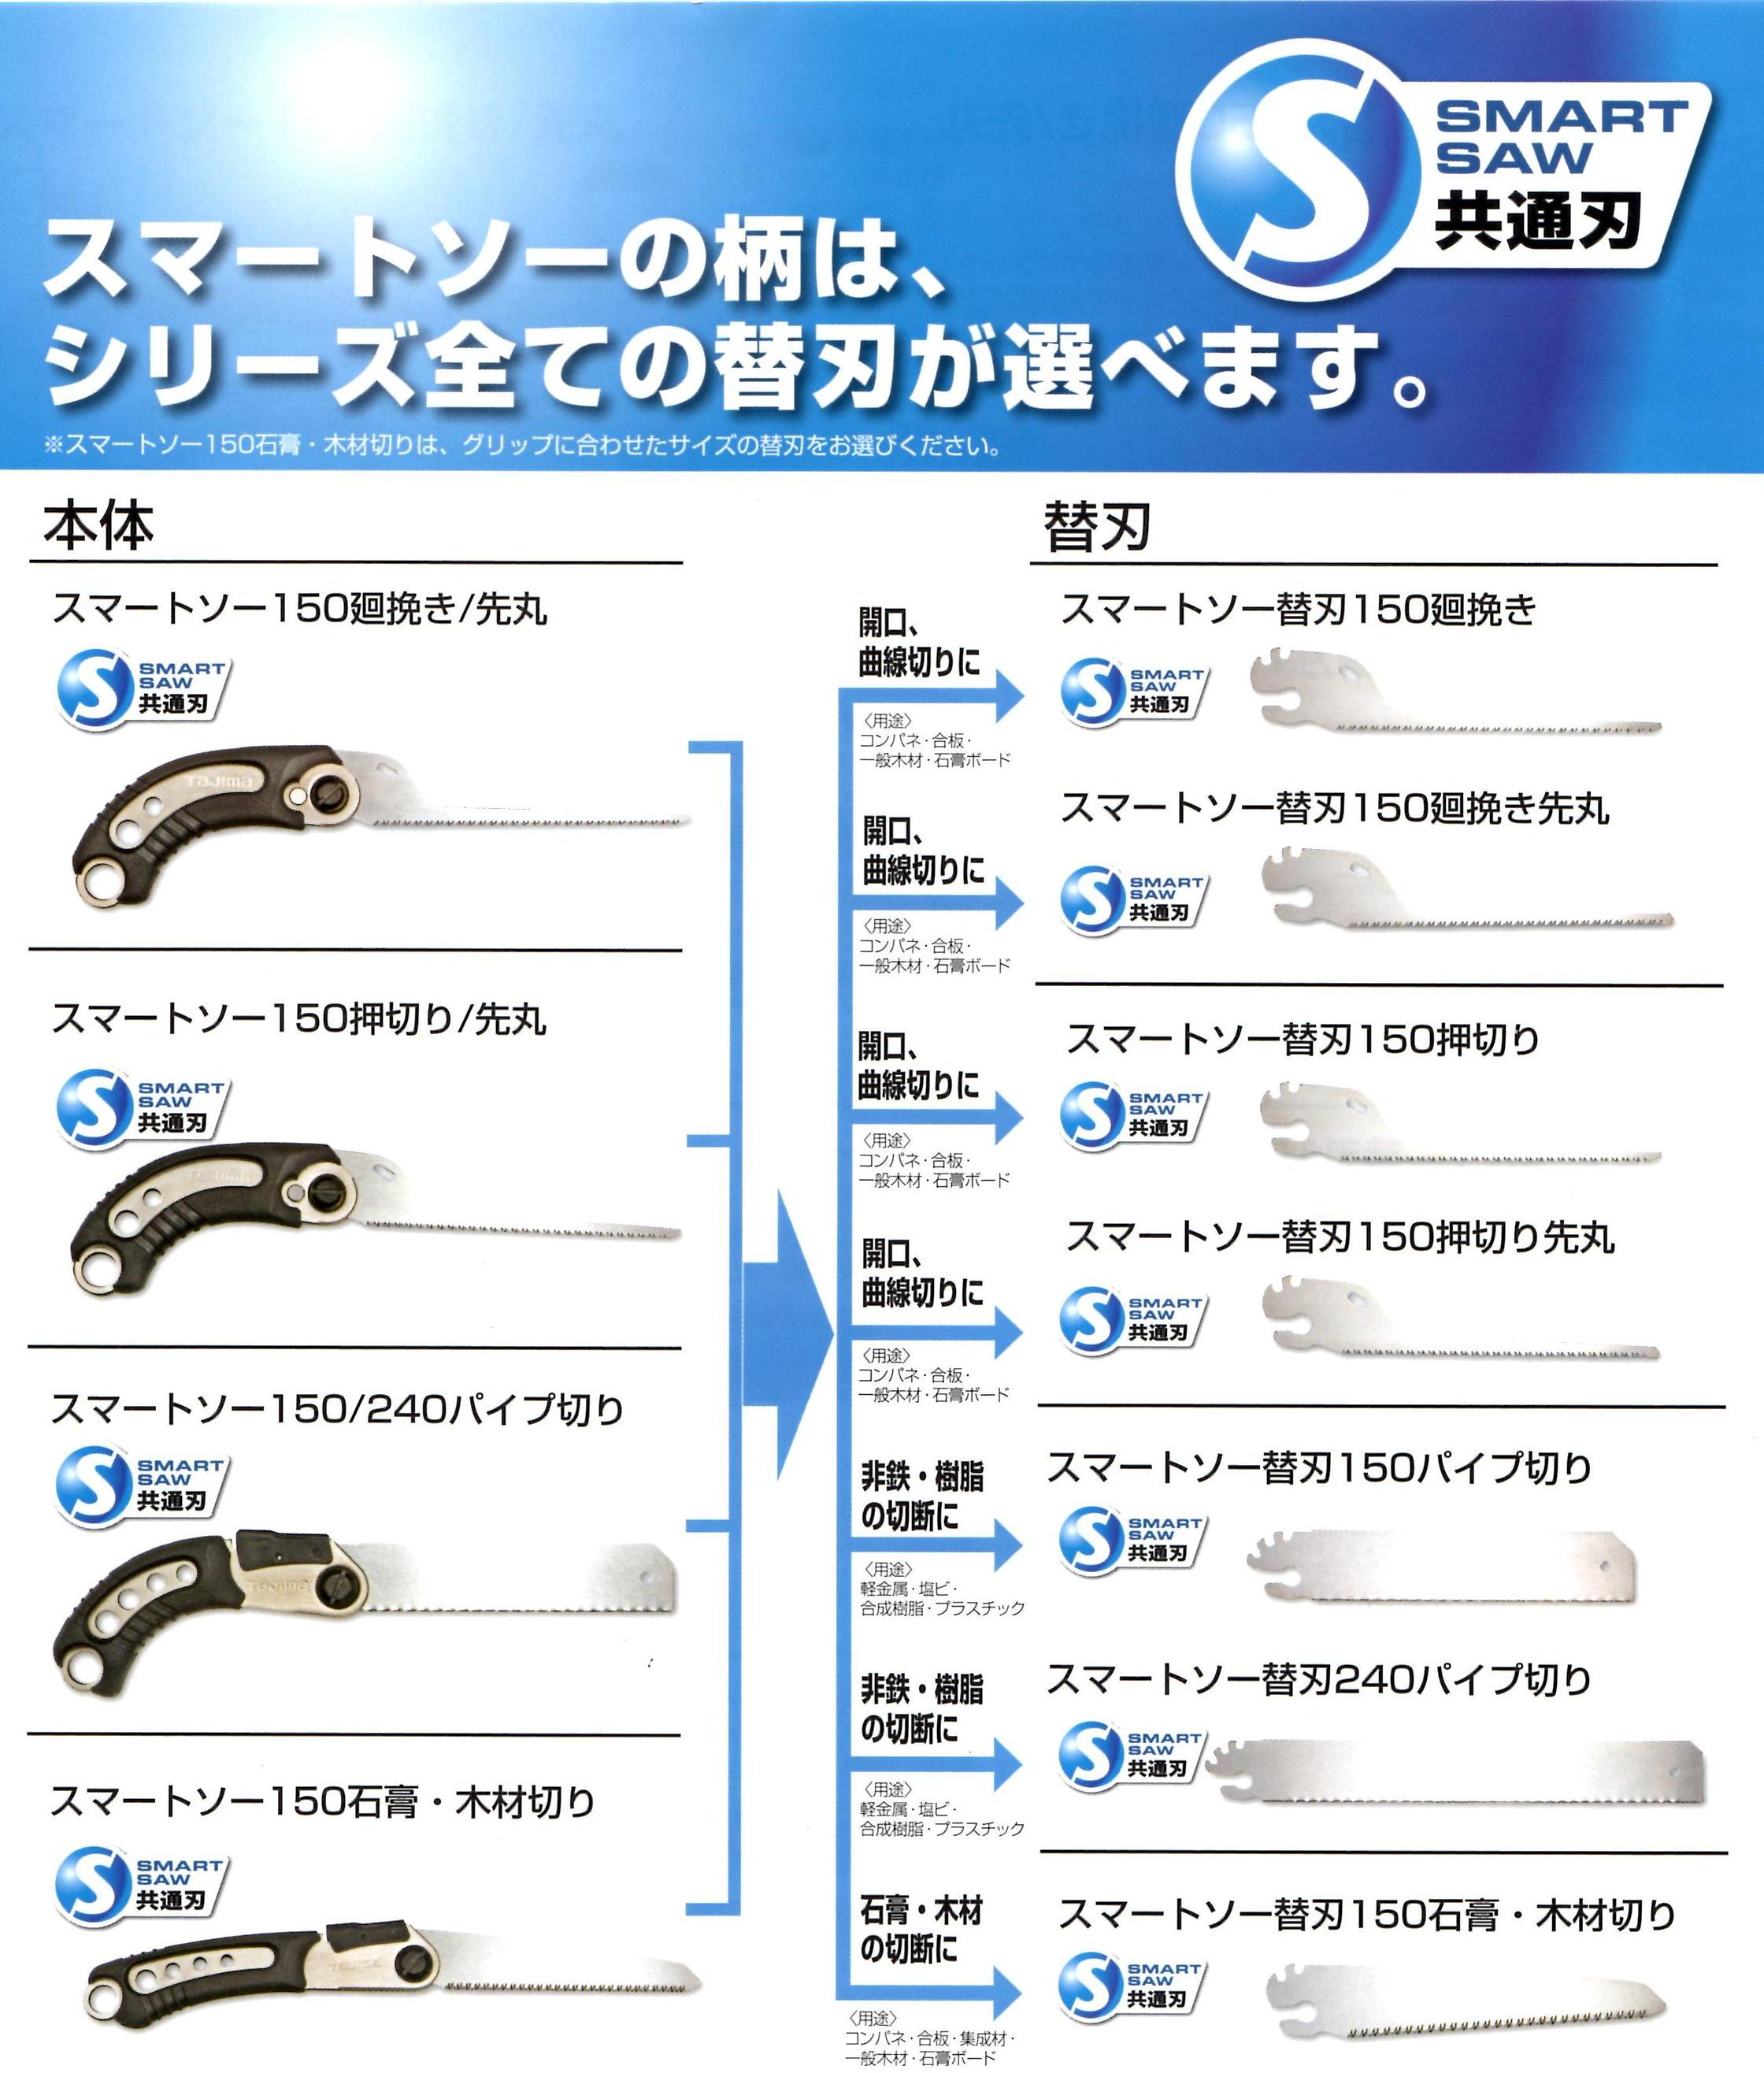 タジマ スマートソ-150押切り先丸 NS-150JM